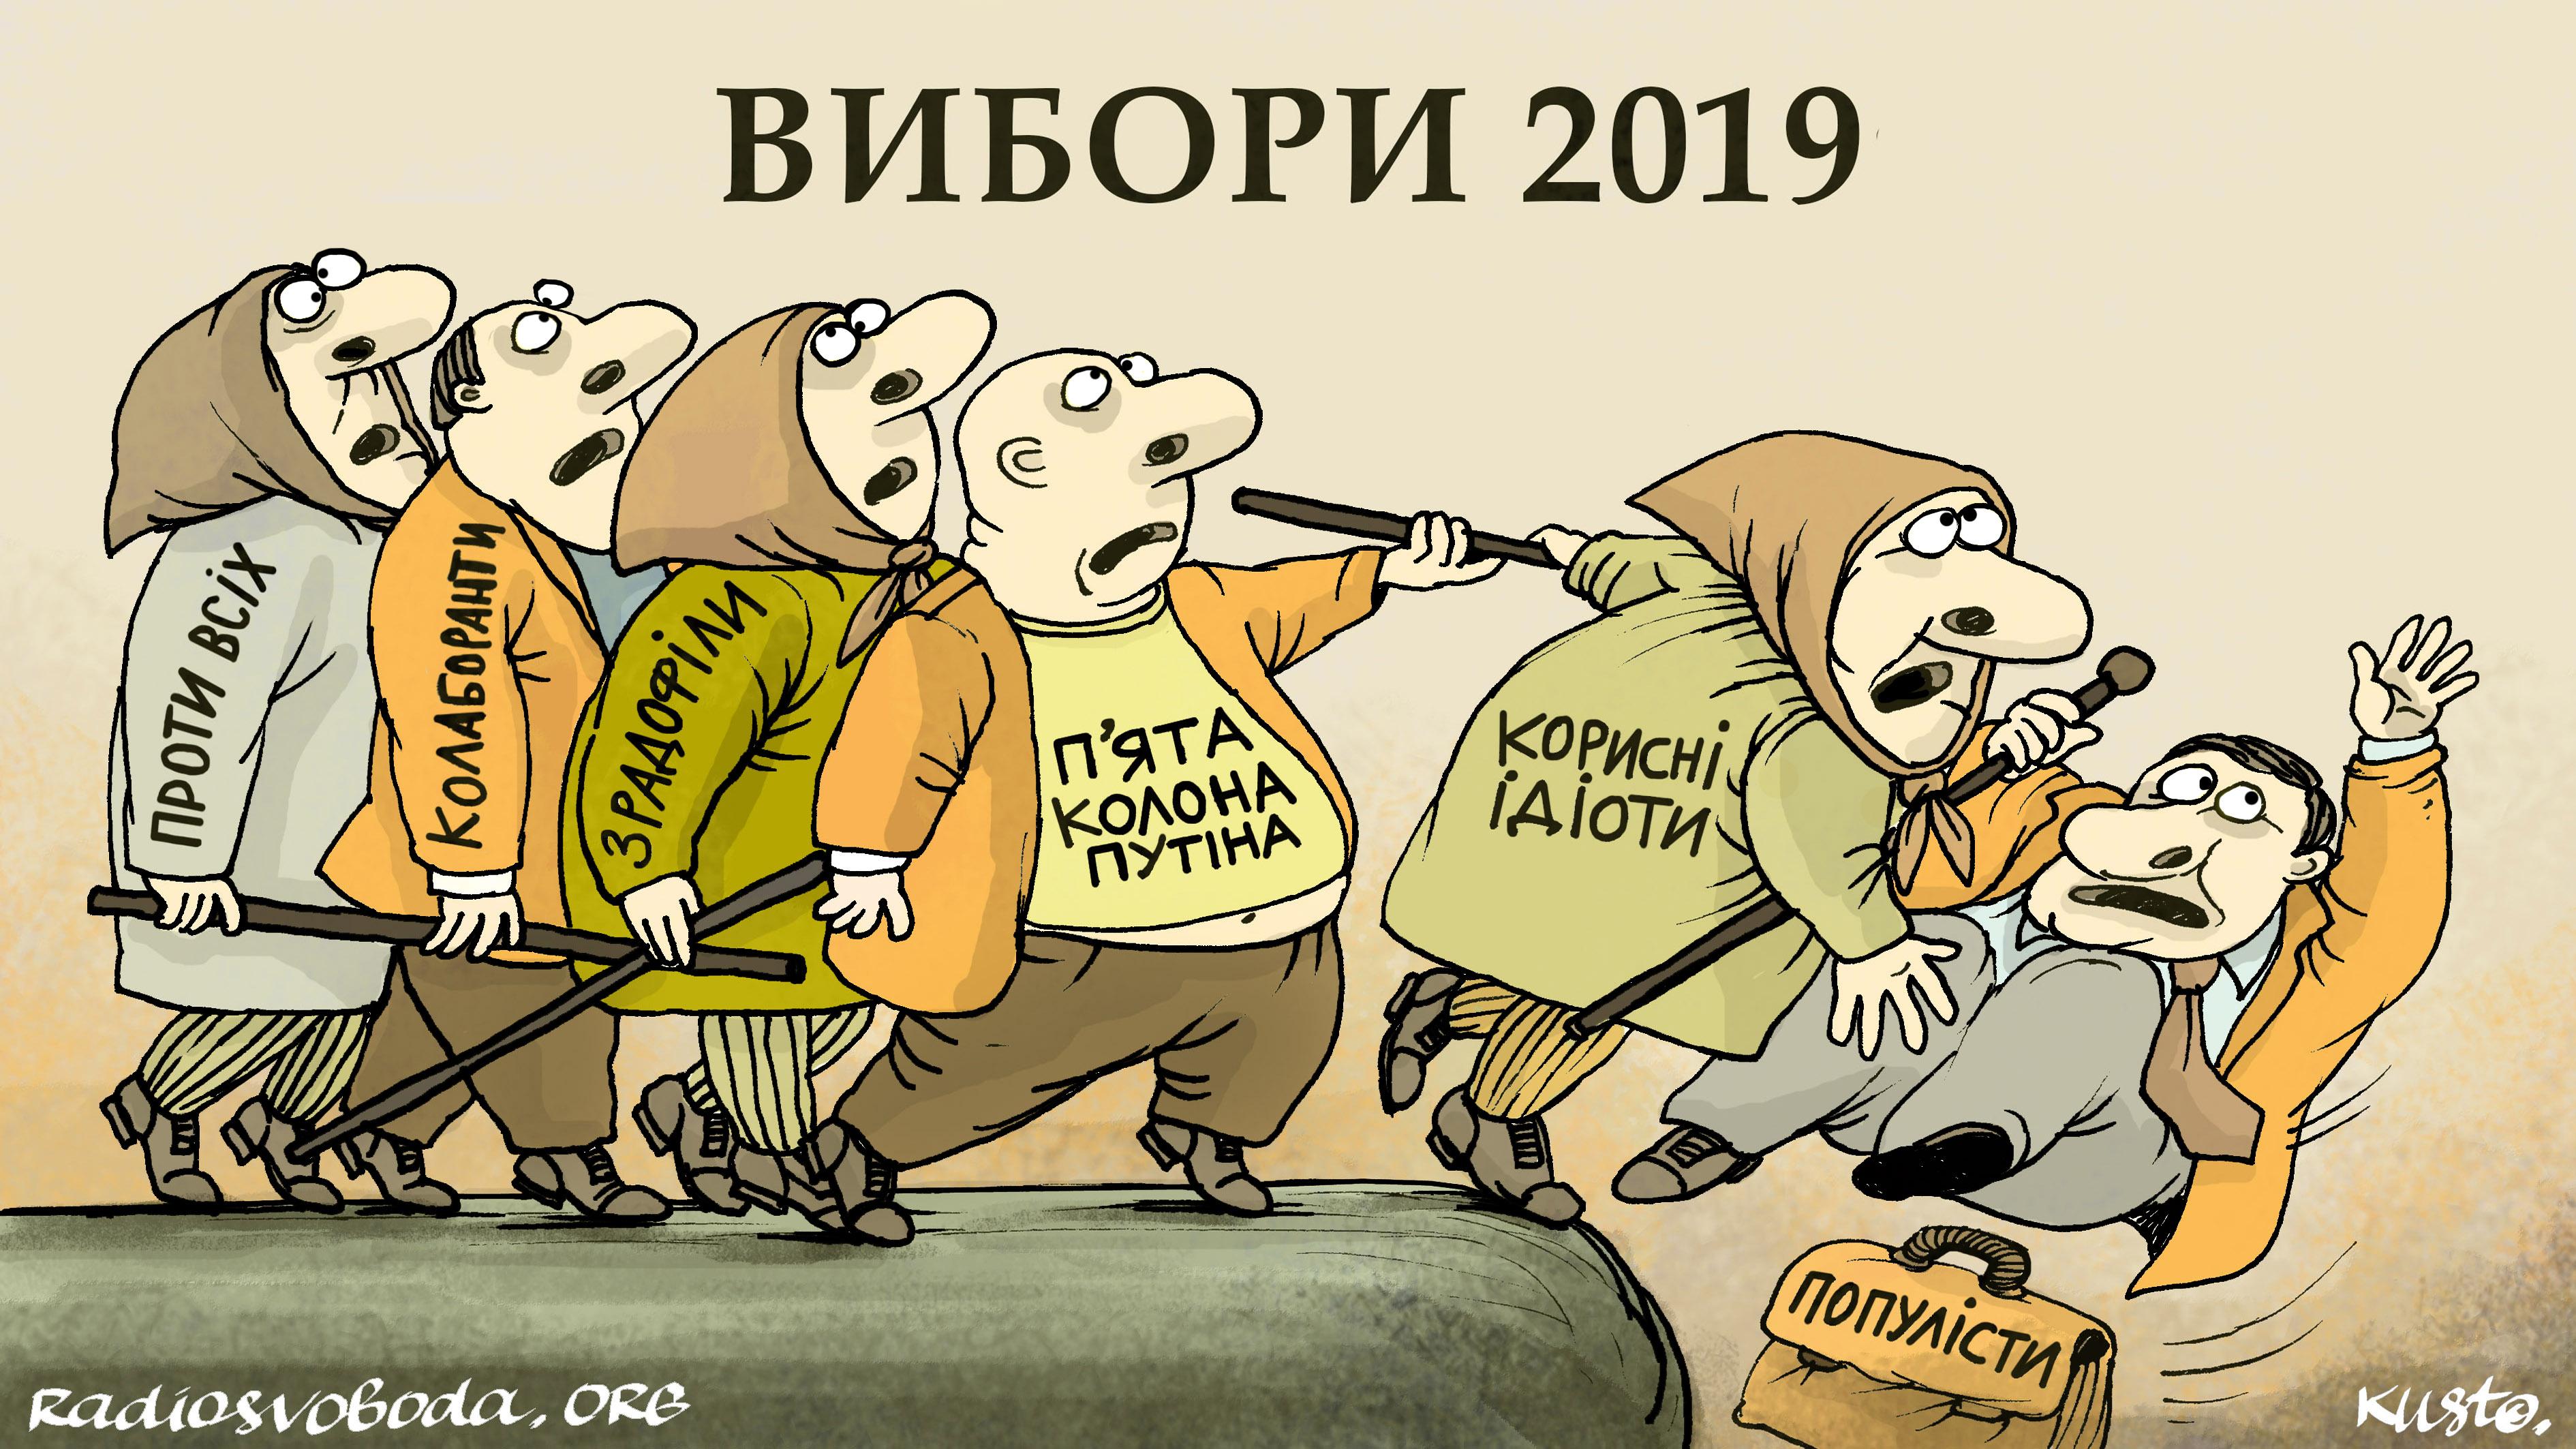 Колькі кандыдатаў балятуюцца на пасаду прэзыдэнта Ўкраіны?